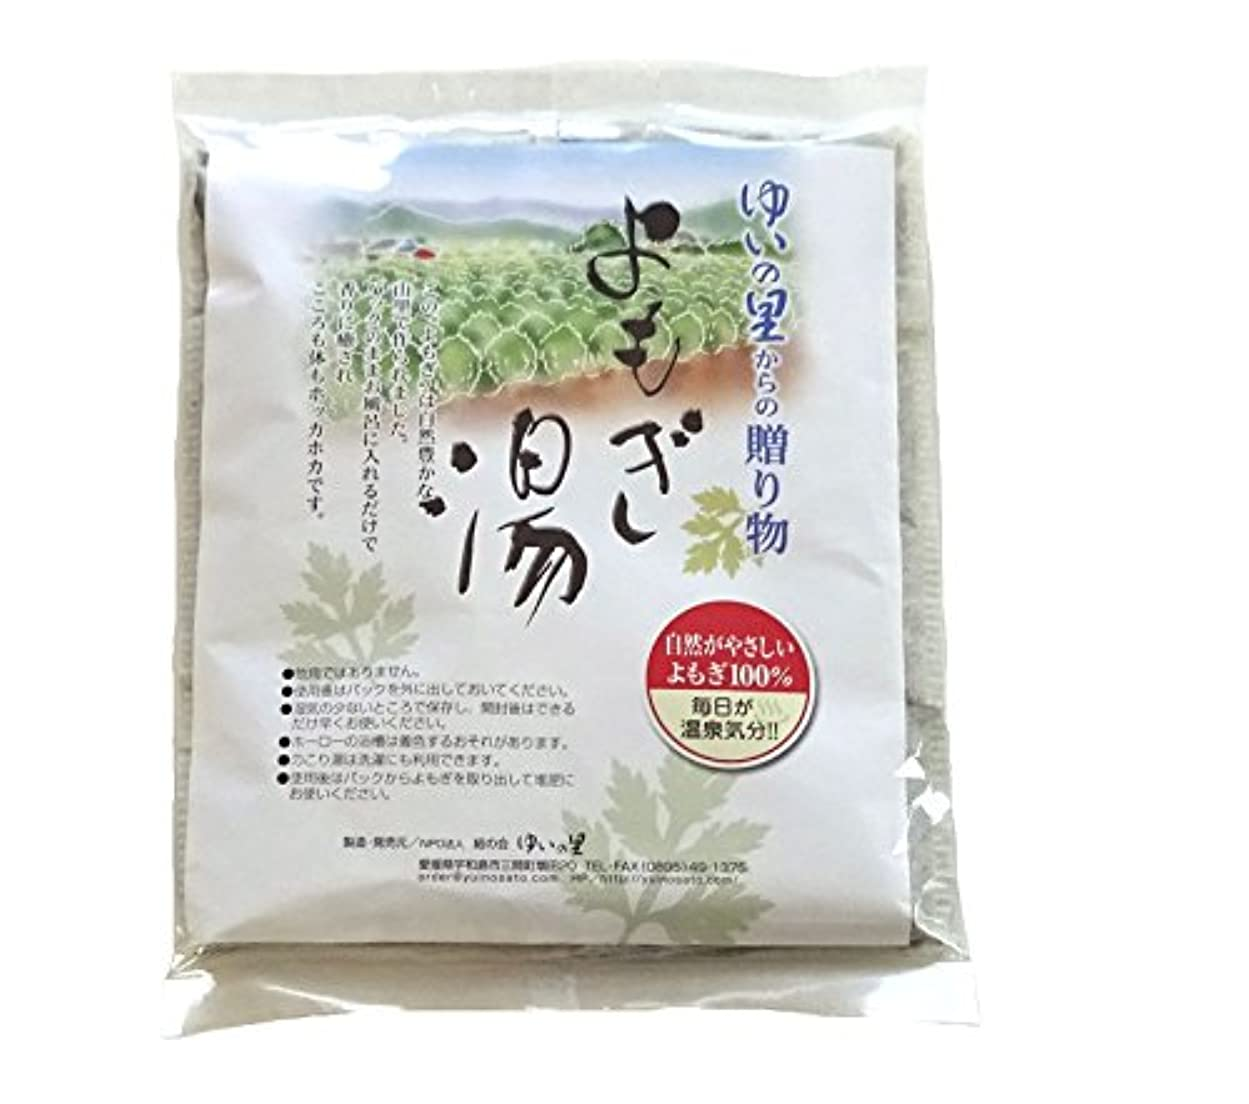 ペフエトナ山帰するよもぎ湯入浴パック (10パック入) 愛媛県産 自家栽培よもぎ100%使用